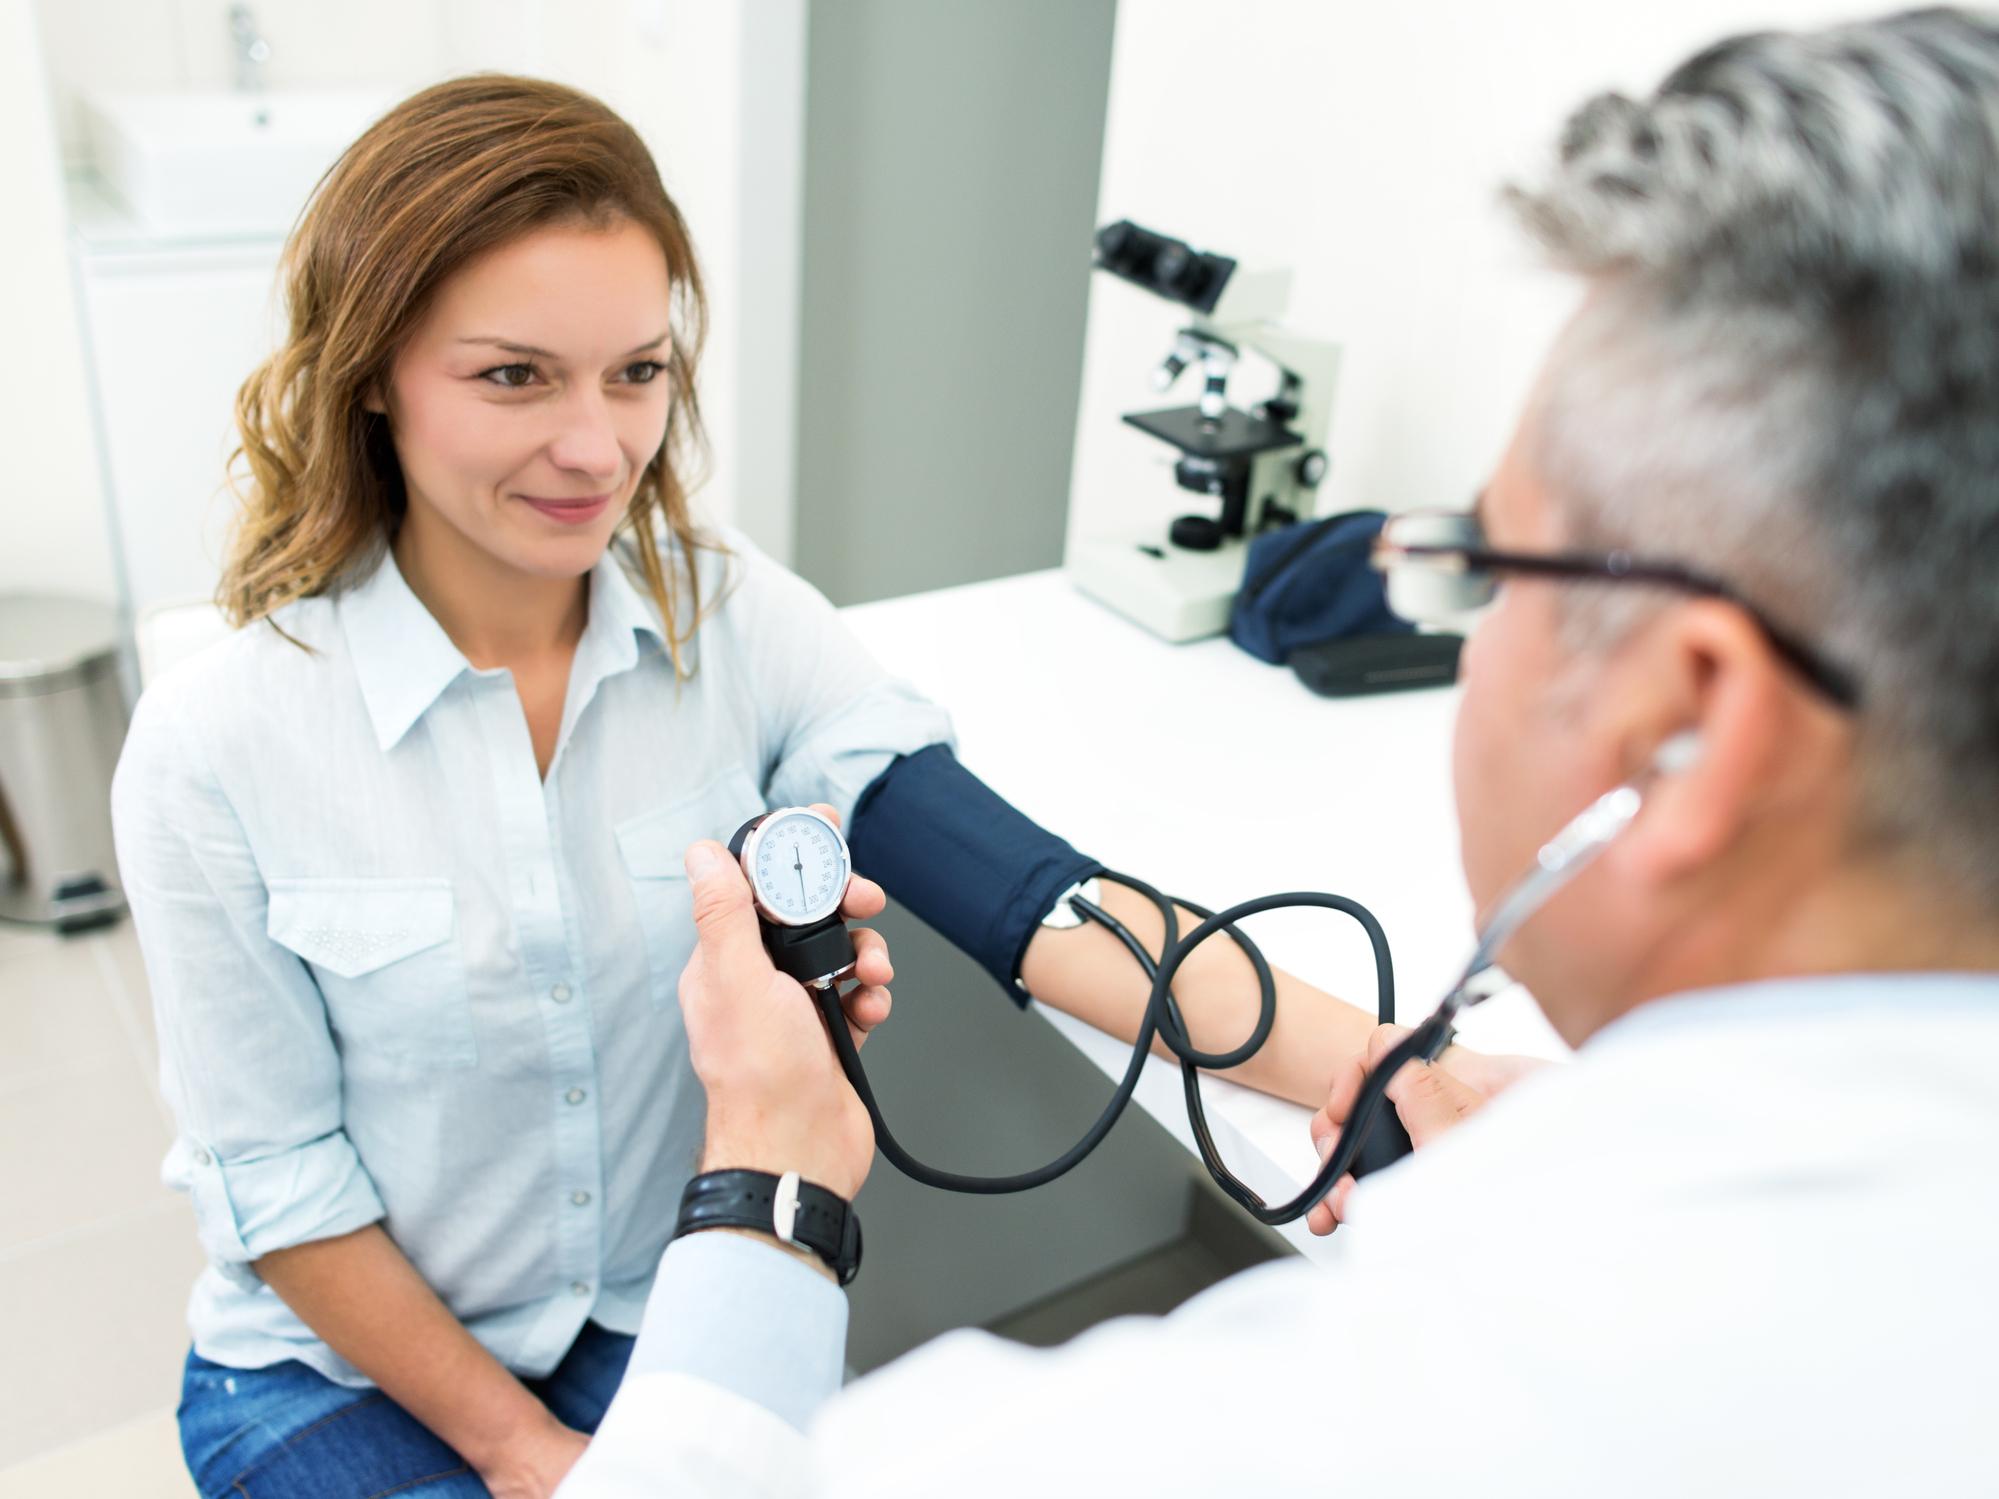 hogyan kell megírni a magas vérnyomás diagnózisát fizioterápiás gyakorlatok magas vérnyomás esetén